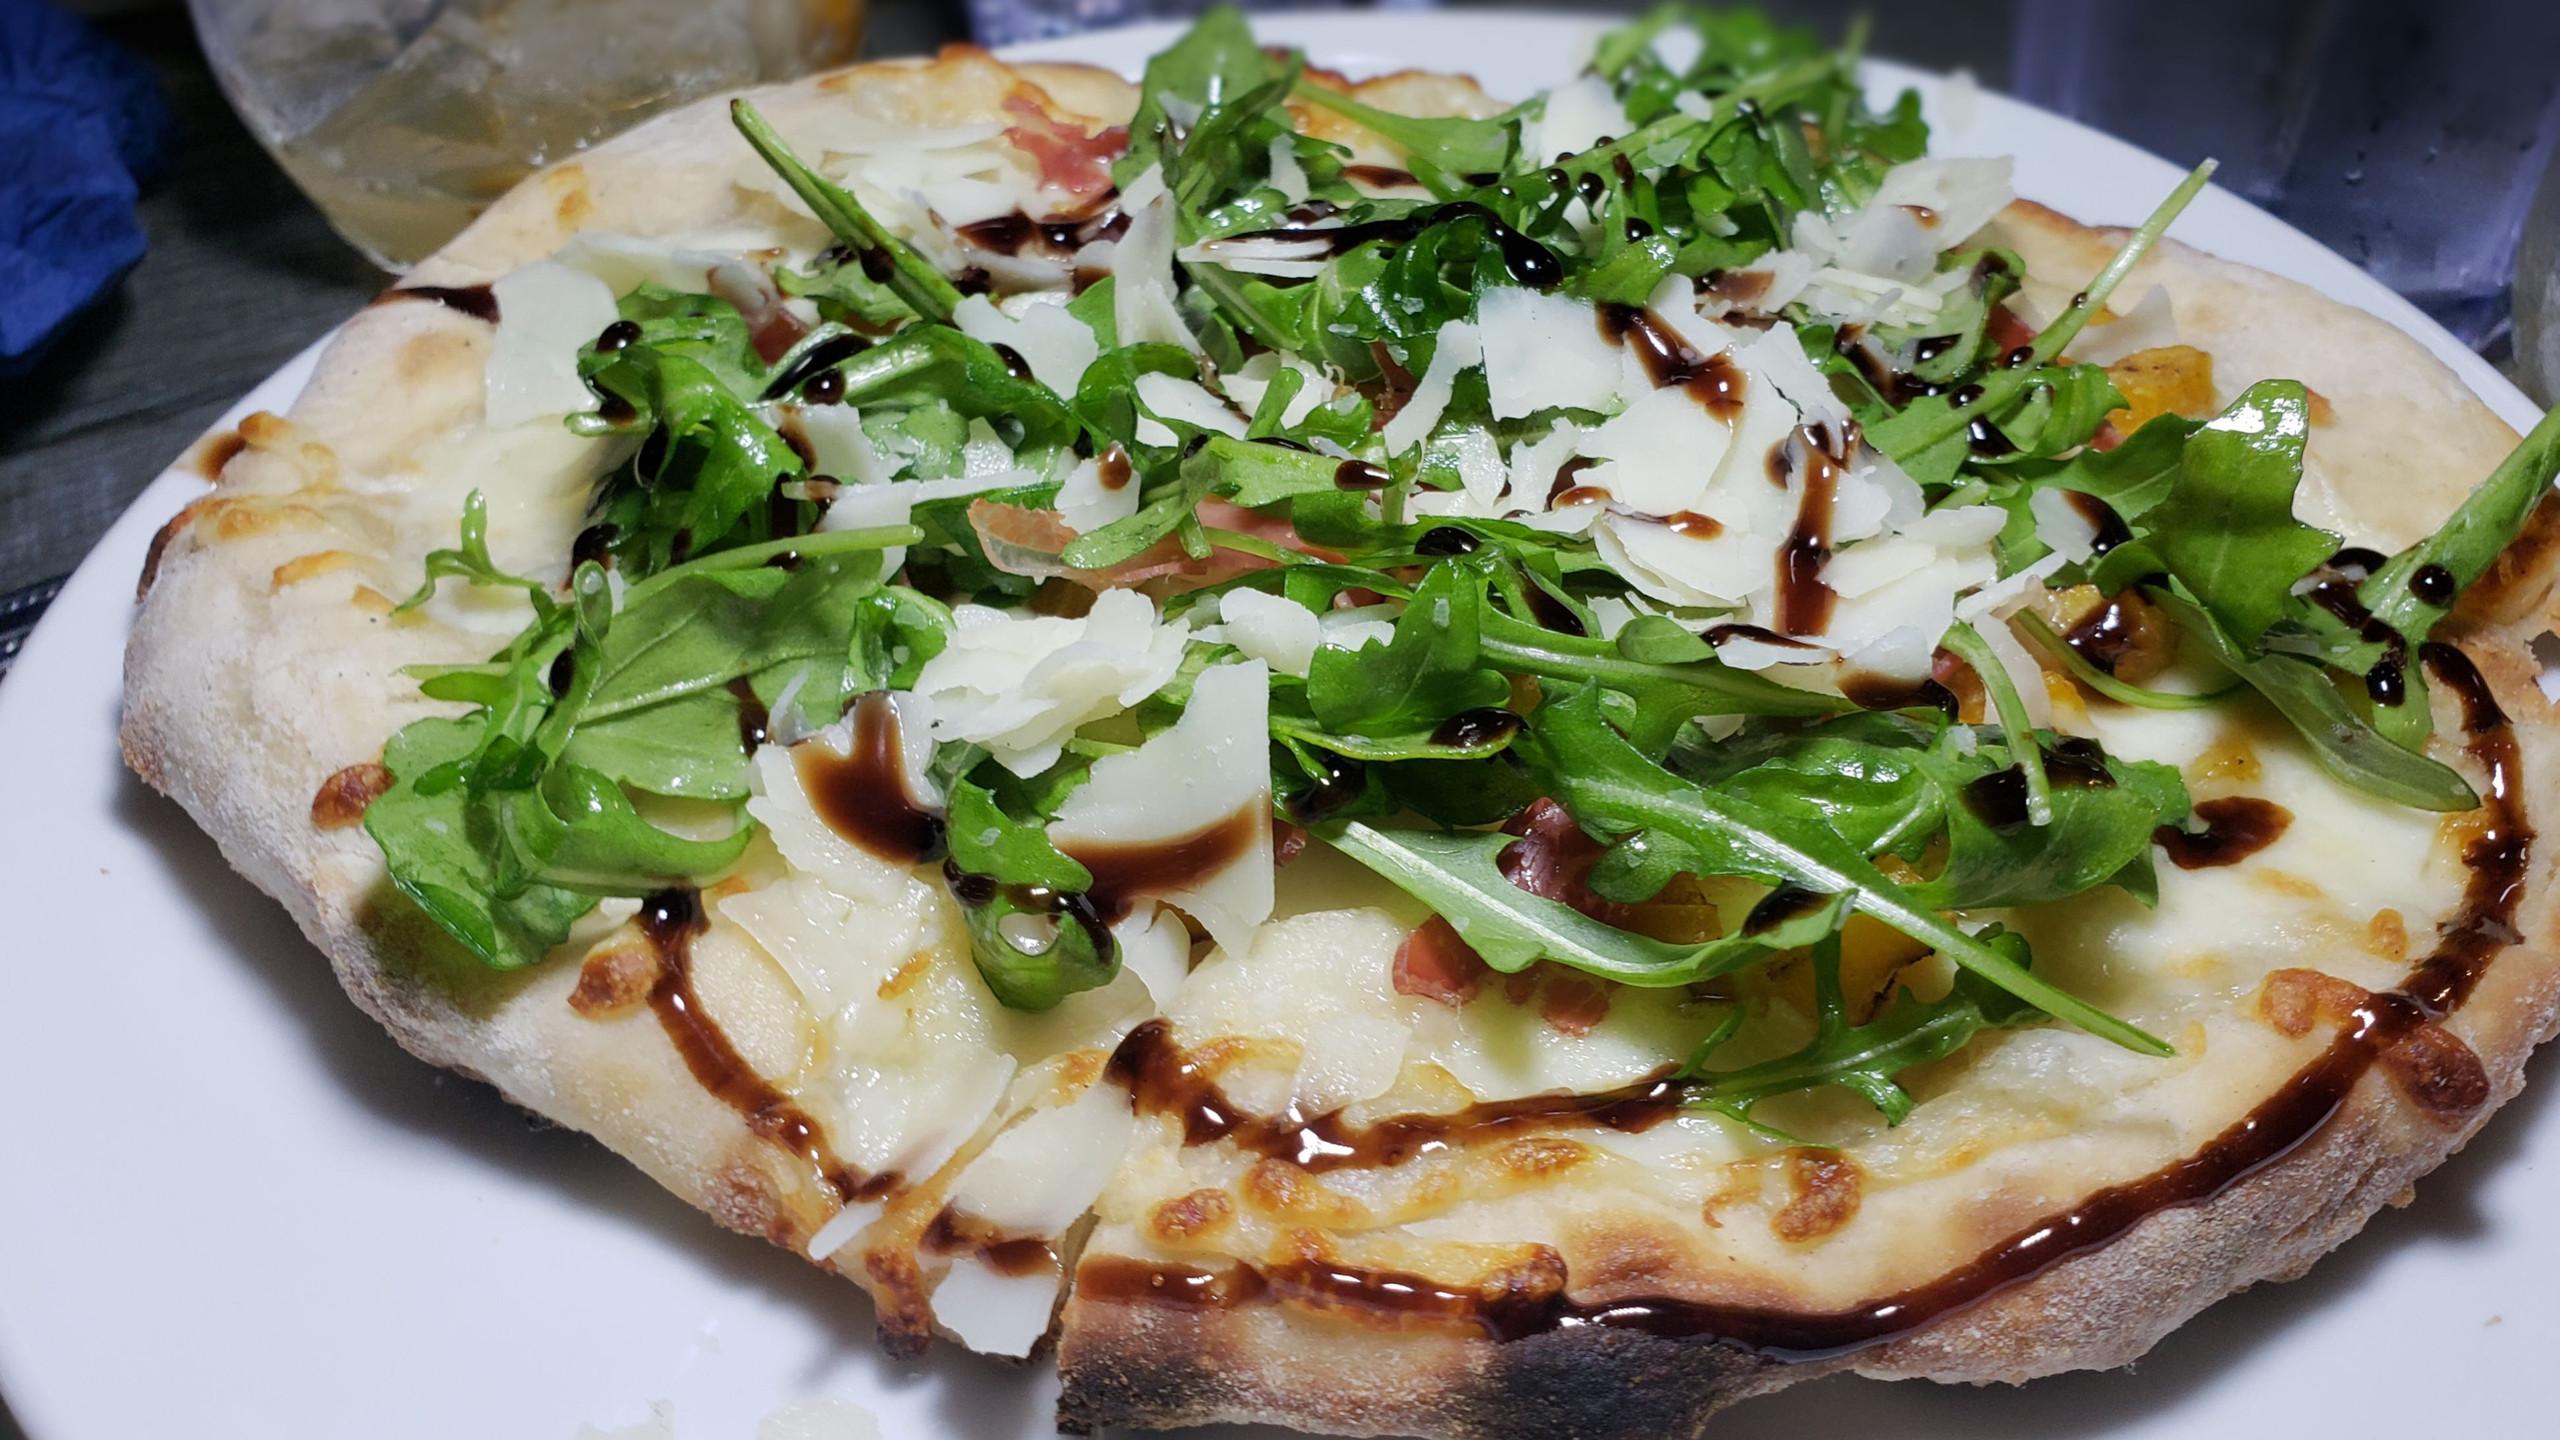 Persimmon & Prosciutto pizza